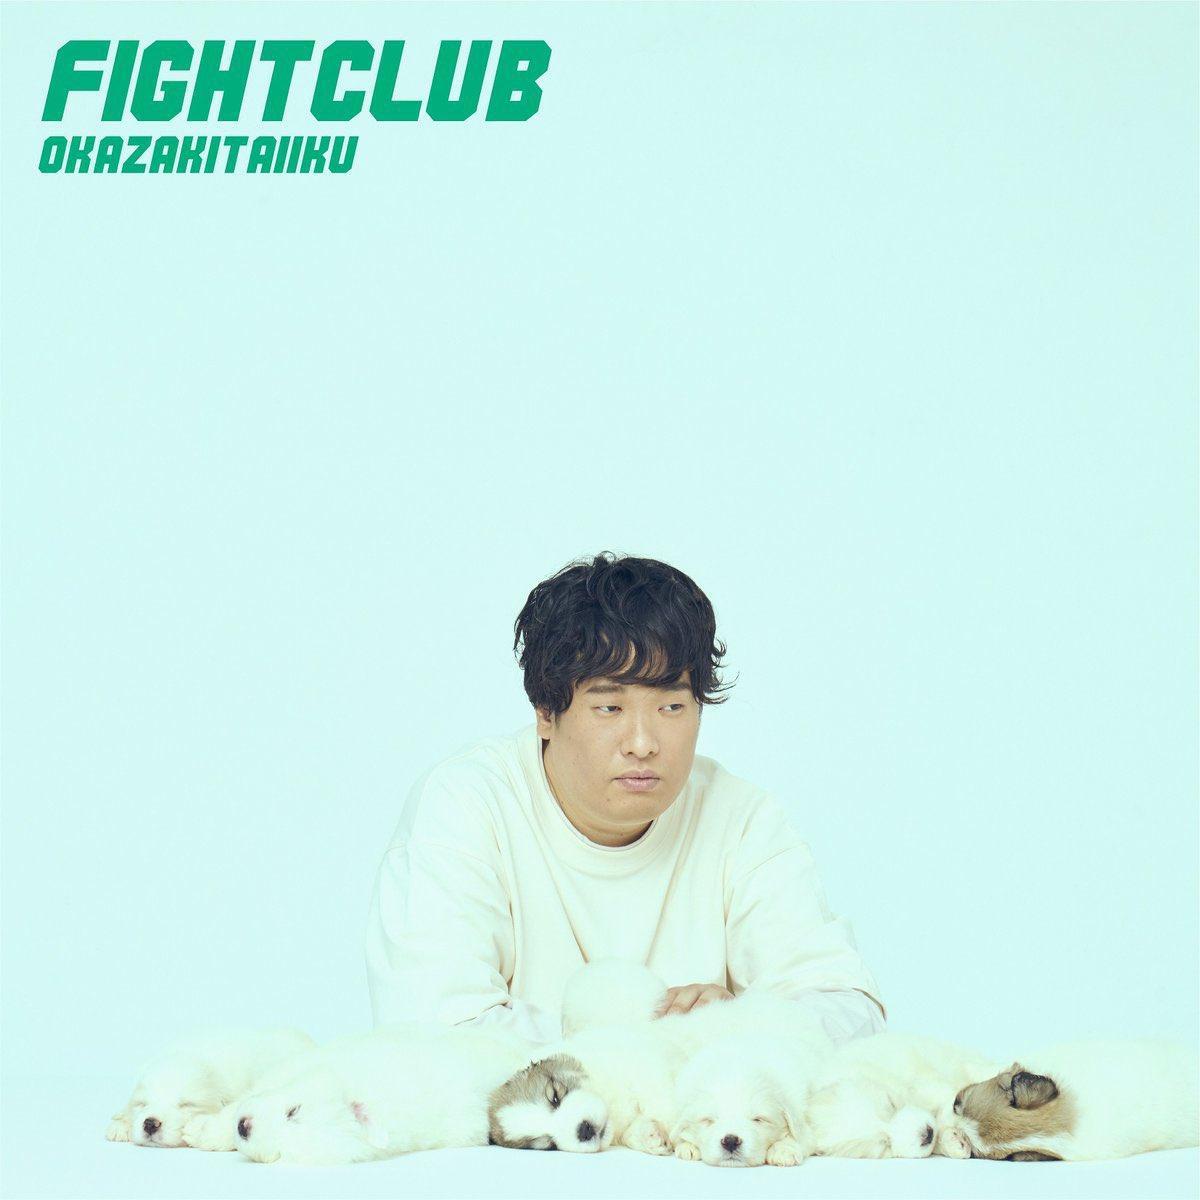 『岡崎体育 - Championship』収録の『FIGHT CLUB』ジャケット